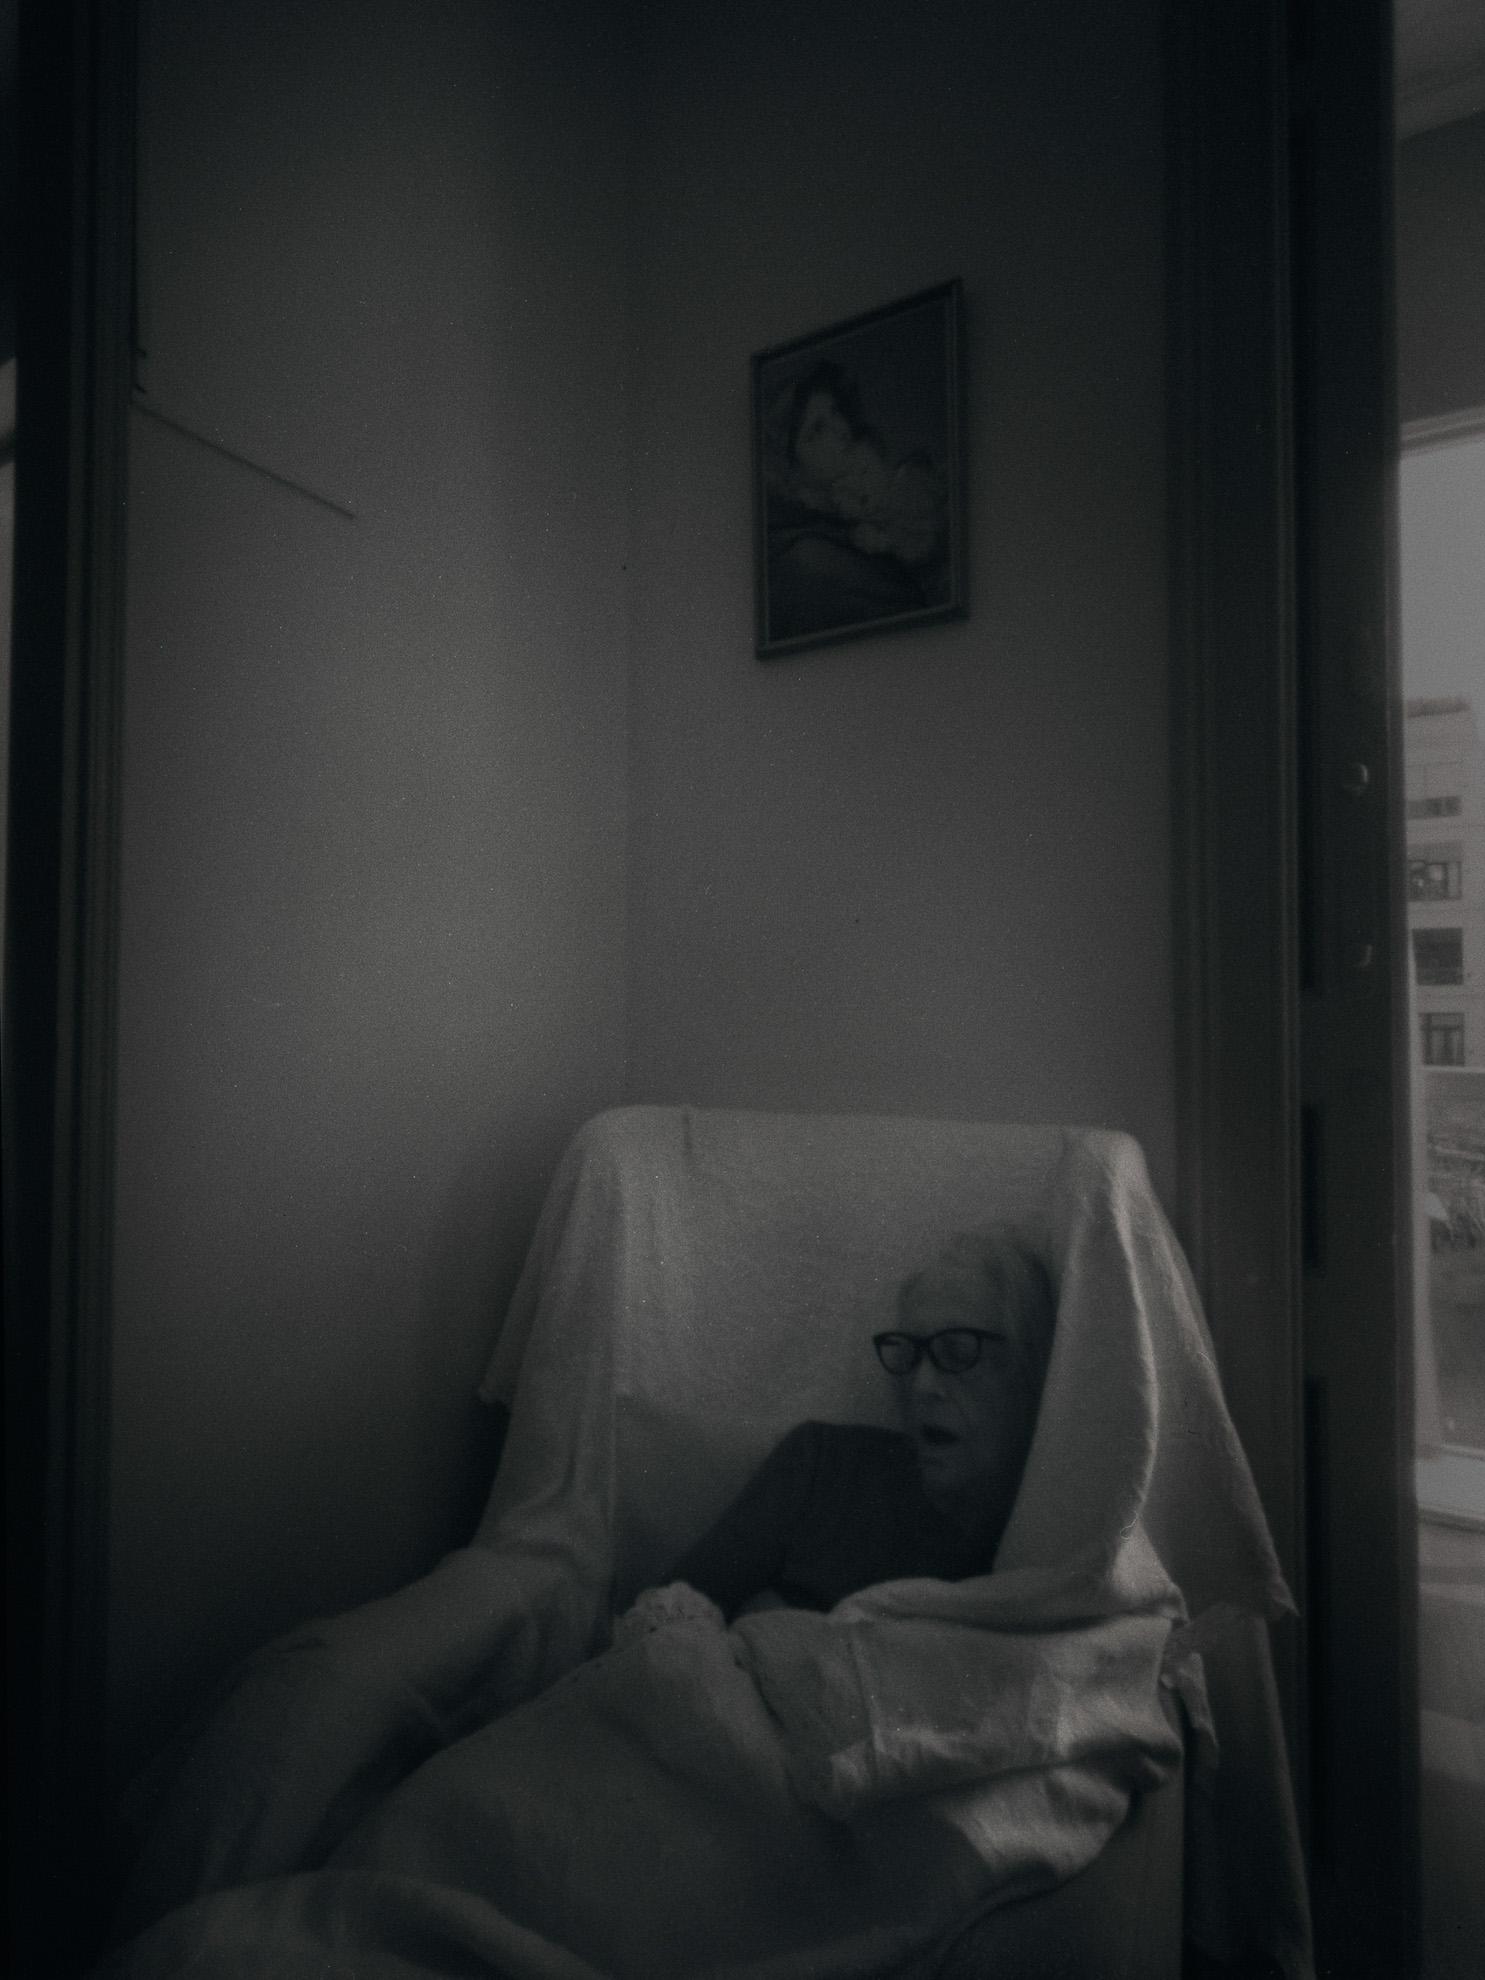 """Trabajo sobre la """"Memoria y el COVID-19"""", realizado con cámara estenopeica de gran formato 9x12 analógico. // Recordar, del lat. recordāri. Conjug. c. contar. 1. tr. Pasar a tener en la mente algo del pasado. Ahora lo recuerdo: ella no vino ese día. U. t. c. intr. Aquí jugábamos de niños, ¿recuerdas? // 2. tr. Tener algo o a alguien en la mente o en consideración. Recuerden que está prohibido hablar. // 3. tr. Dicho de una persona: Hacer que otra recuerde algo. Recuérdame que compremos leche. // 4. tr. Dicho de una persona o de una cosa: Parecerse a otra, o evocarla. 5. intr. p. us. despertar (‖ dejar de dormir). U. t. c. prnl. 1. expr. coloq. U. para atenuar la seguridad de una afirmación Hay veces que nos sentimos una y otra vez conectados a miles de historias que vivimos durante toda una vida, o parte de ella. Más de un amor, más de un amigo, más de una experiencia, más de una satisfacción, más de una desilusión. Todo esto nos deja un recuerdo en nuestra memoria, que por momentos , que en más de un momento nos gustaría olvidar… ¿De qué nos sirve recordar? Tal vez no sirva de nada, pero… Recordar es volver a vivir, escuche hace unos días en la residencia, y es cierto… «Algunos recuerdos son inolvidables, permanecen siempre vividos y son conmovedores.» -Joseph B. Wirthlin-"""